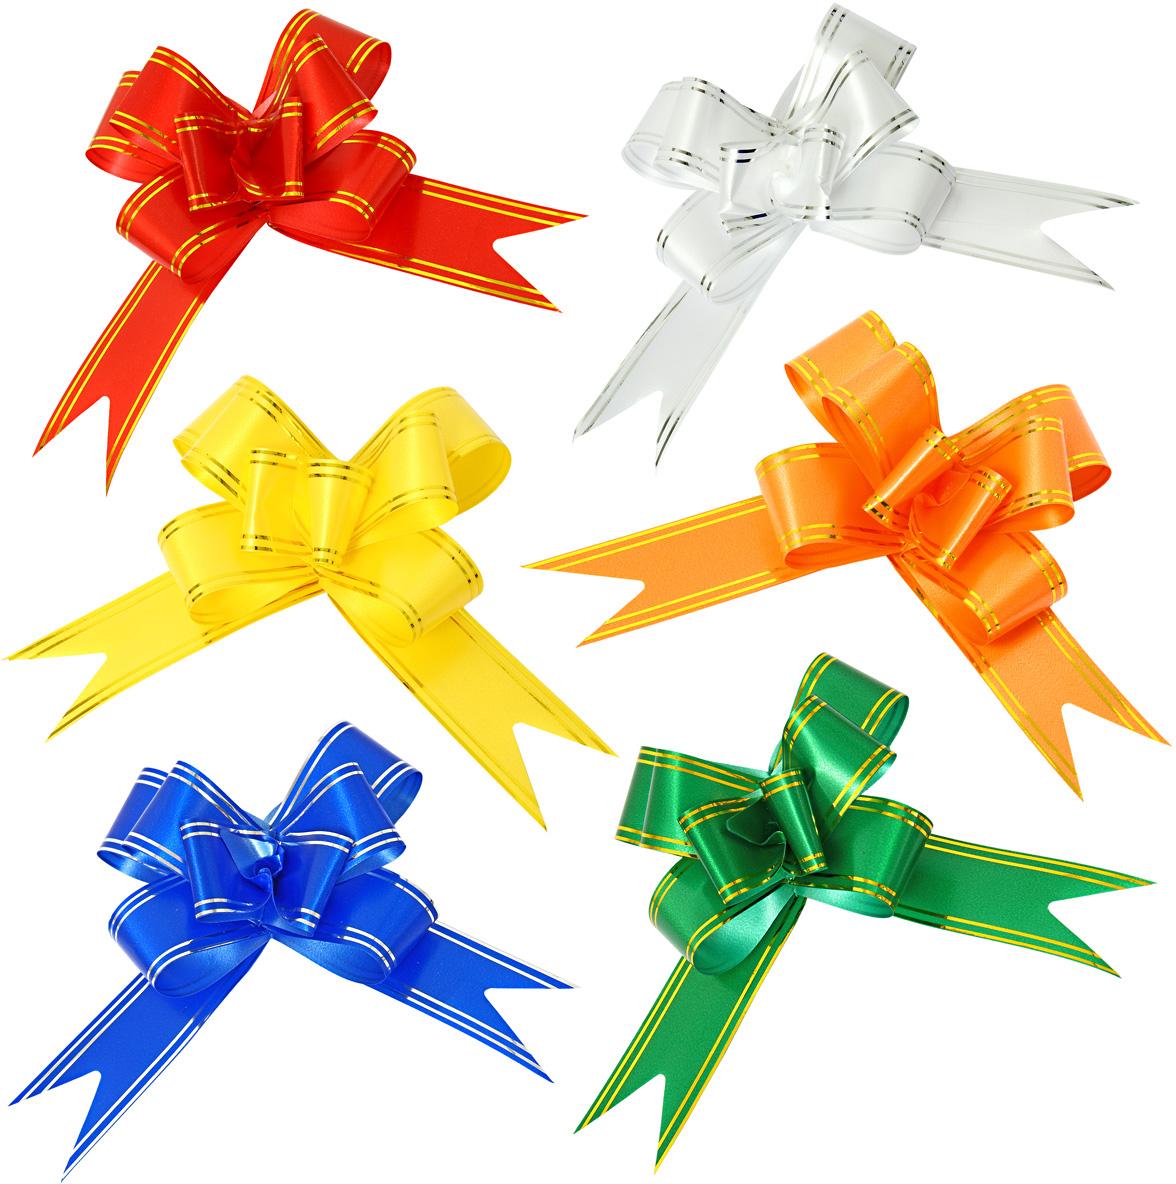 Бант упаковочный Veld-Co Бабочка, цвет: разноцветный, 3 х 50 см набор упаковочных бантиков veld co бабочка цвет синий 3 х 50 см 10 шт